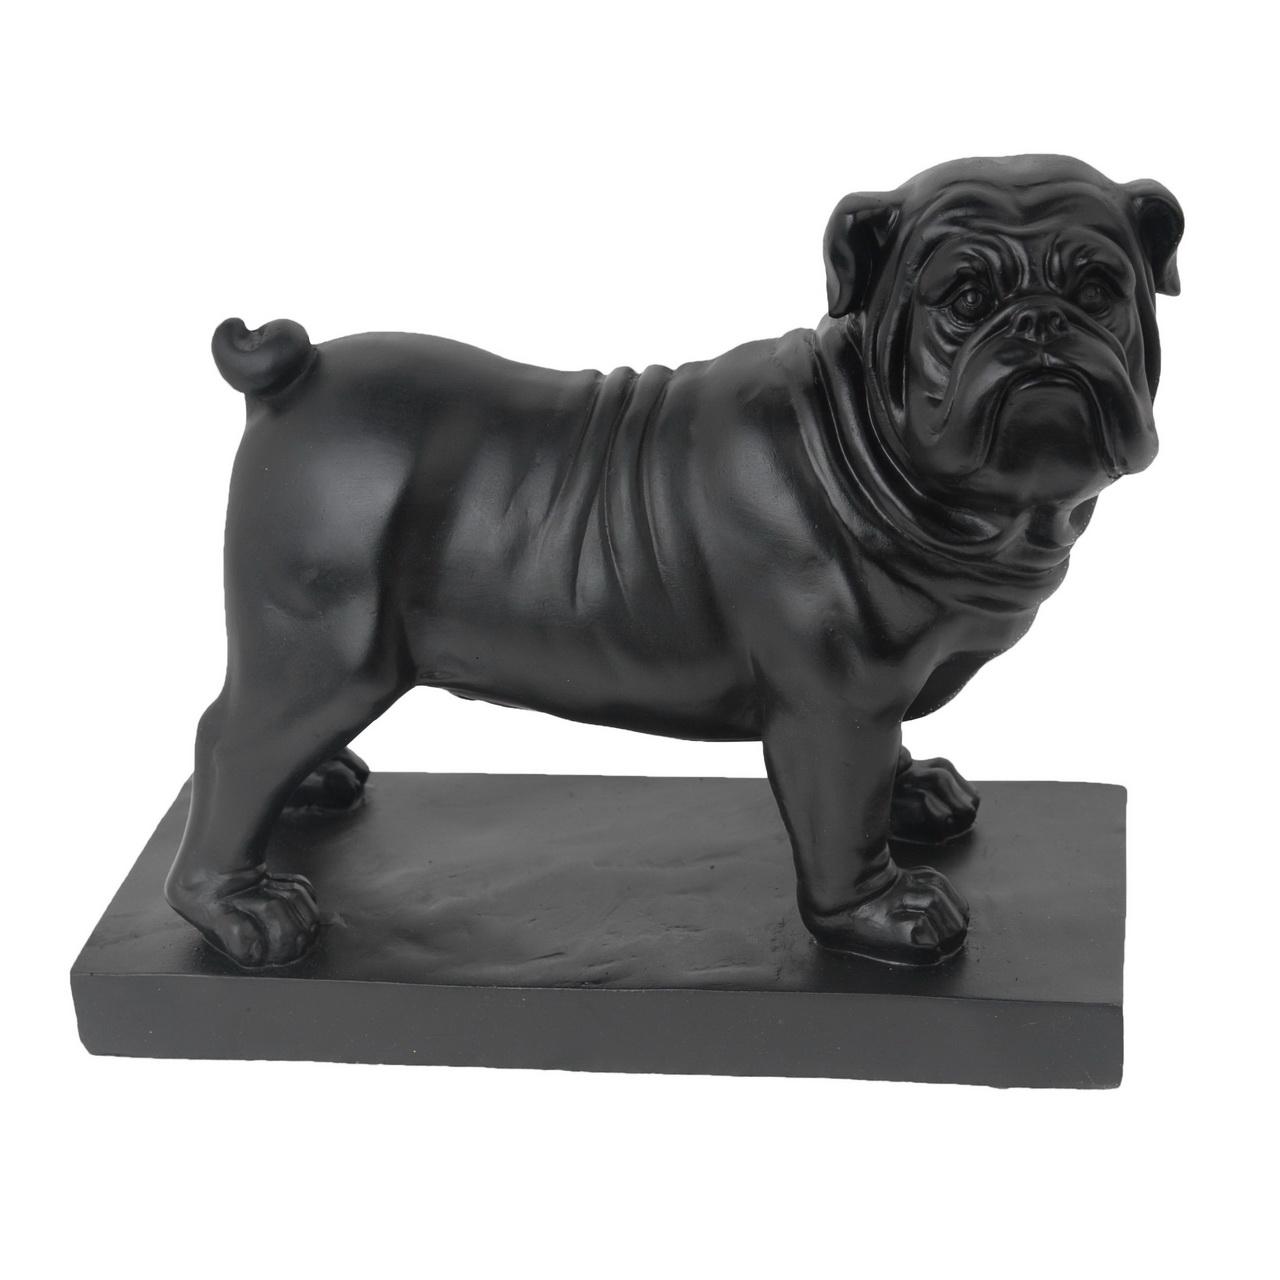 {} ARTEVALUCE Статуэтка Мопс Черный (11х19х24 см) статуэтка леопард черный 51x23x20 см 944624